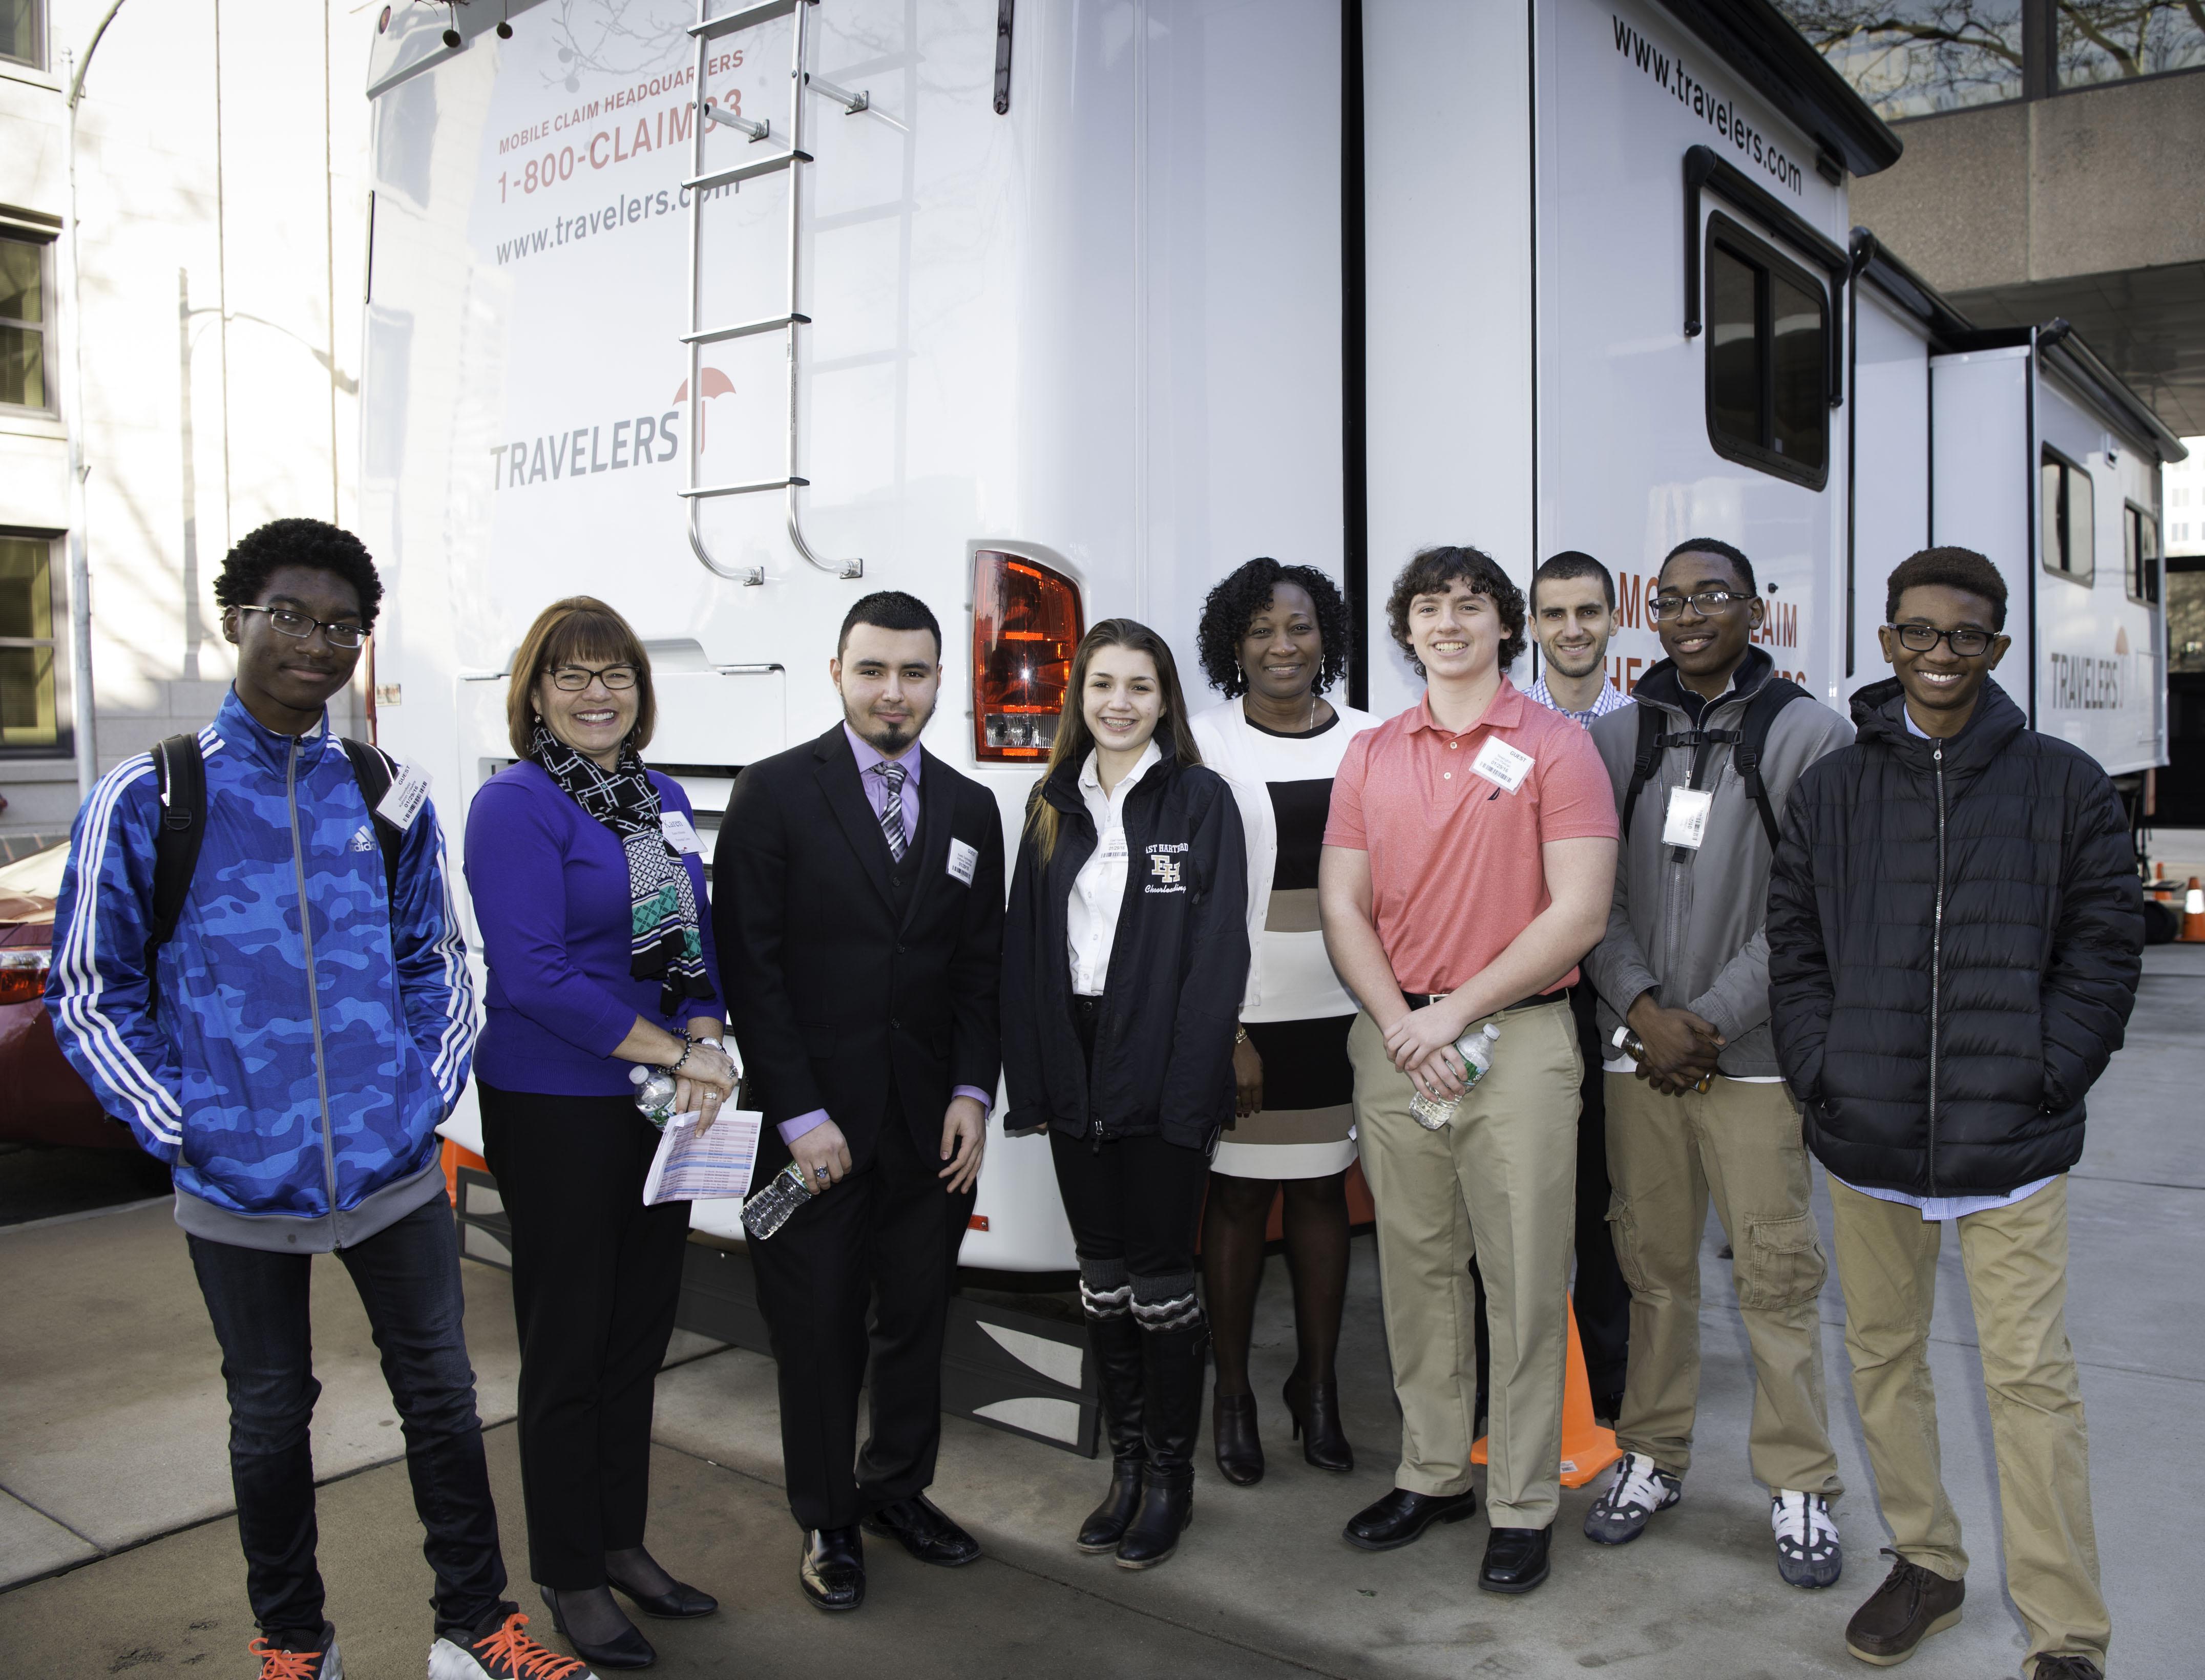 Students-in-front-of-Travelers-catastrophe-van